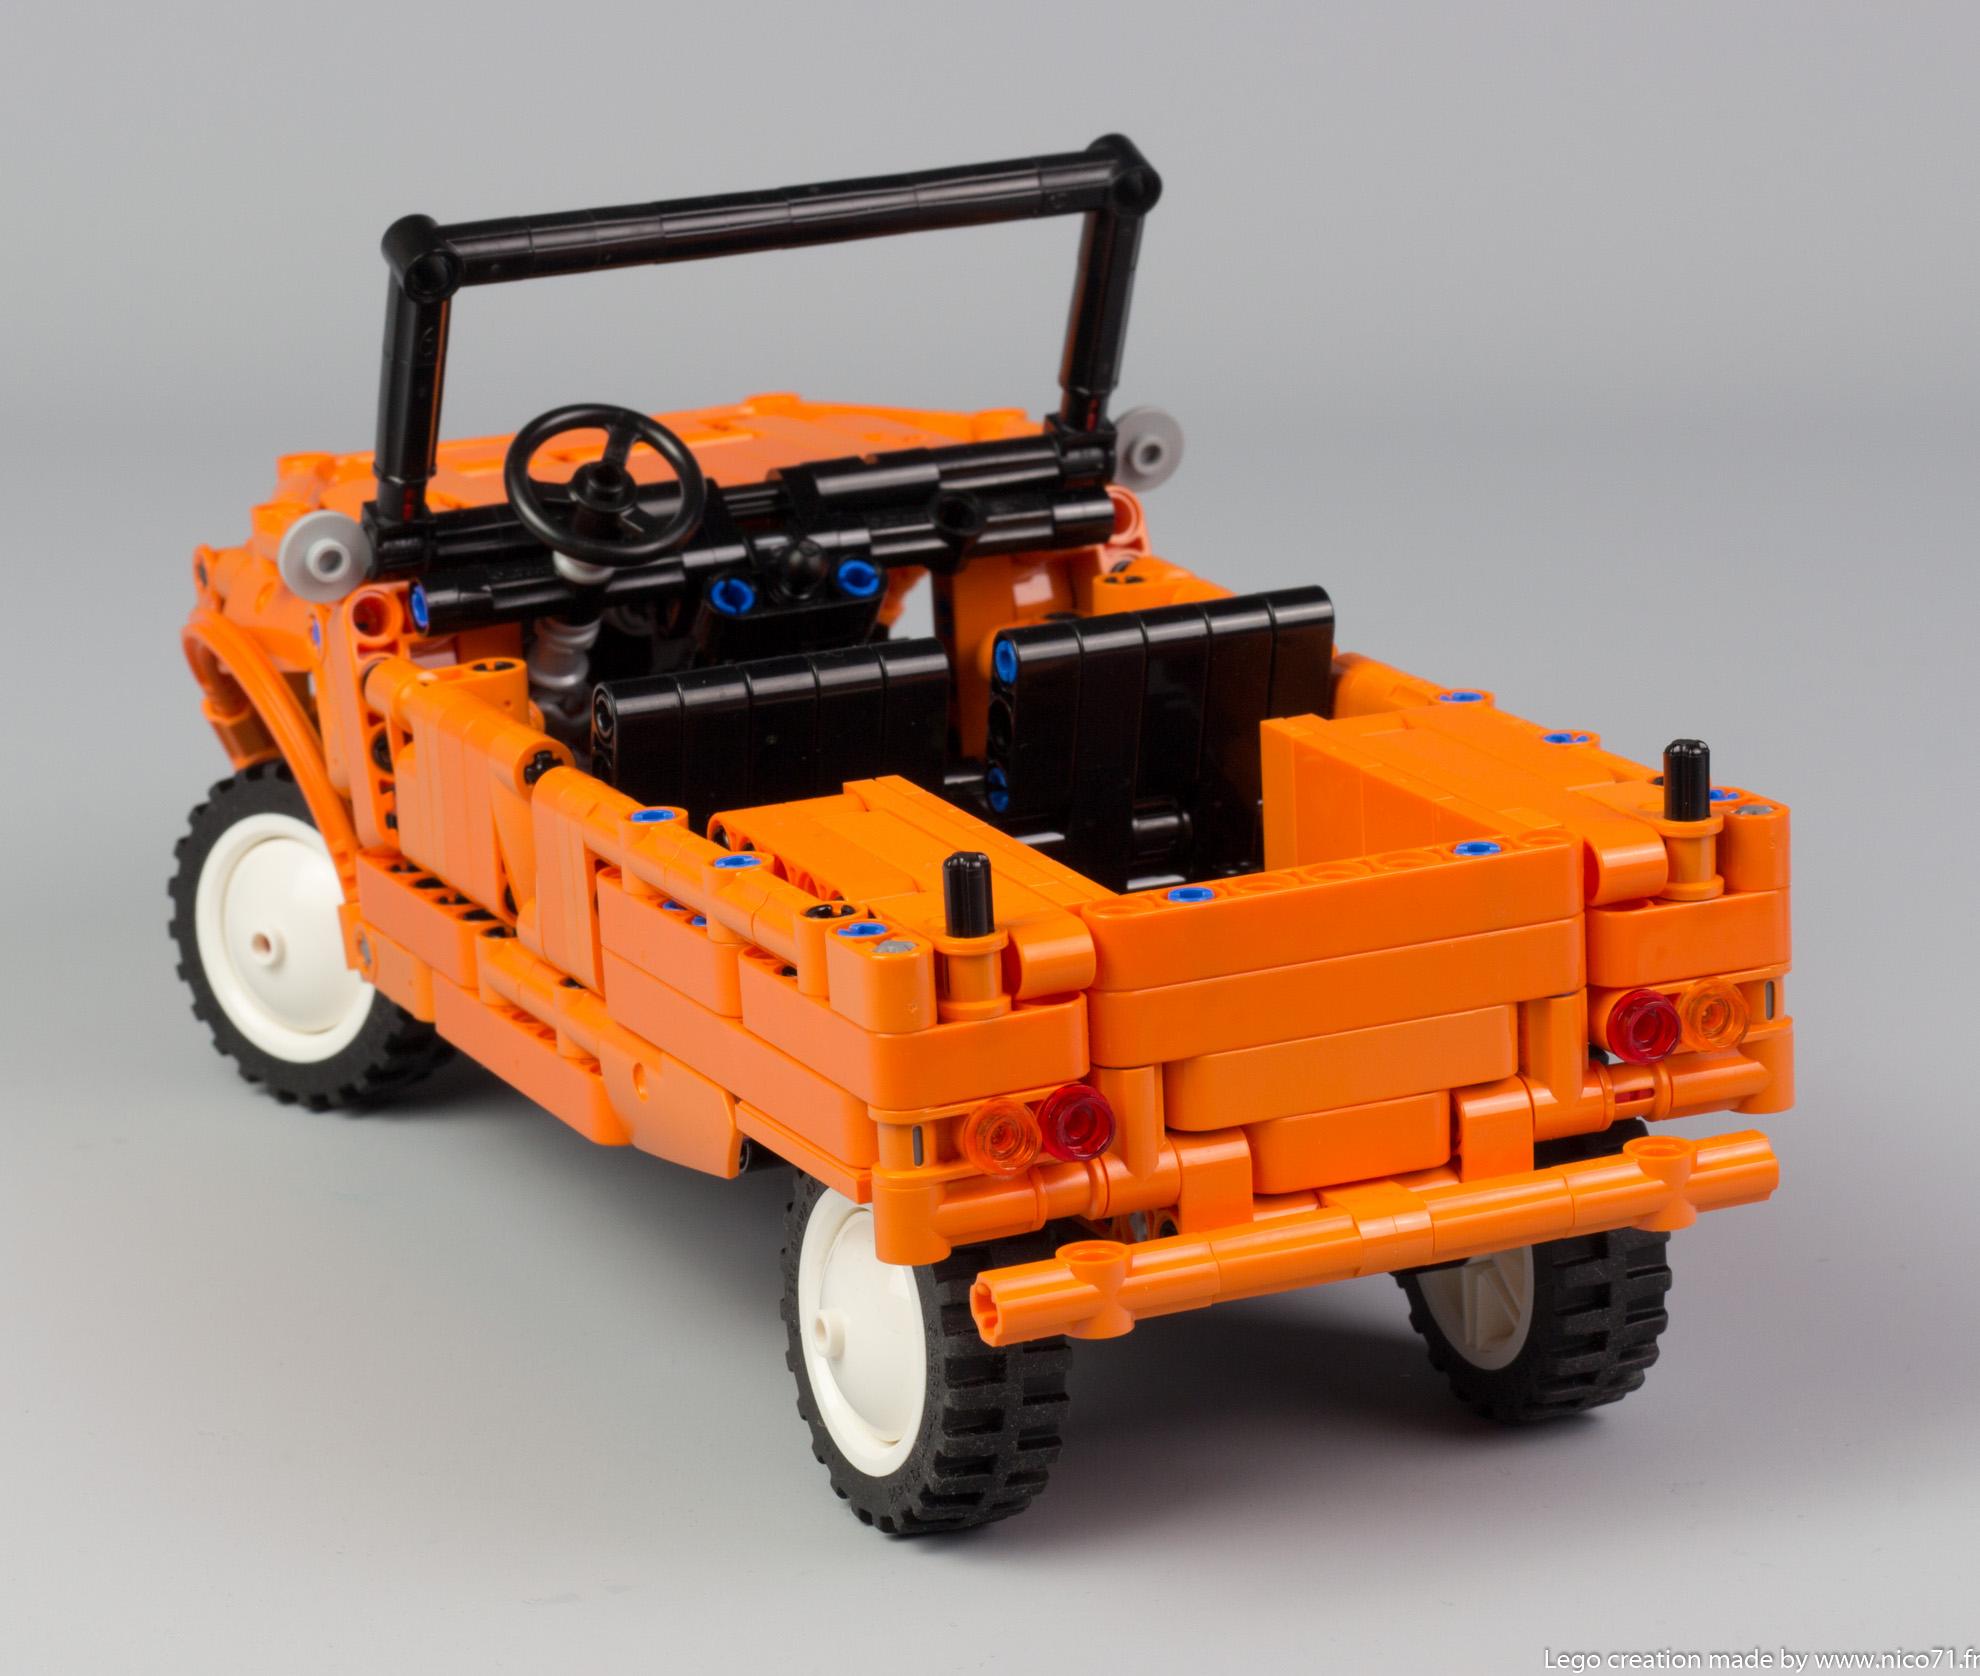 Lego-Technic-Citroen-Mehari-21